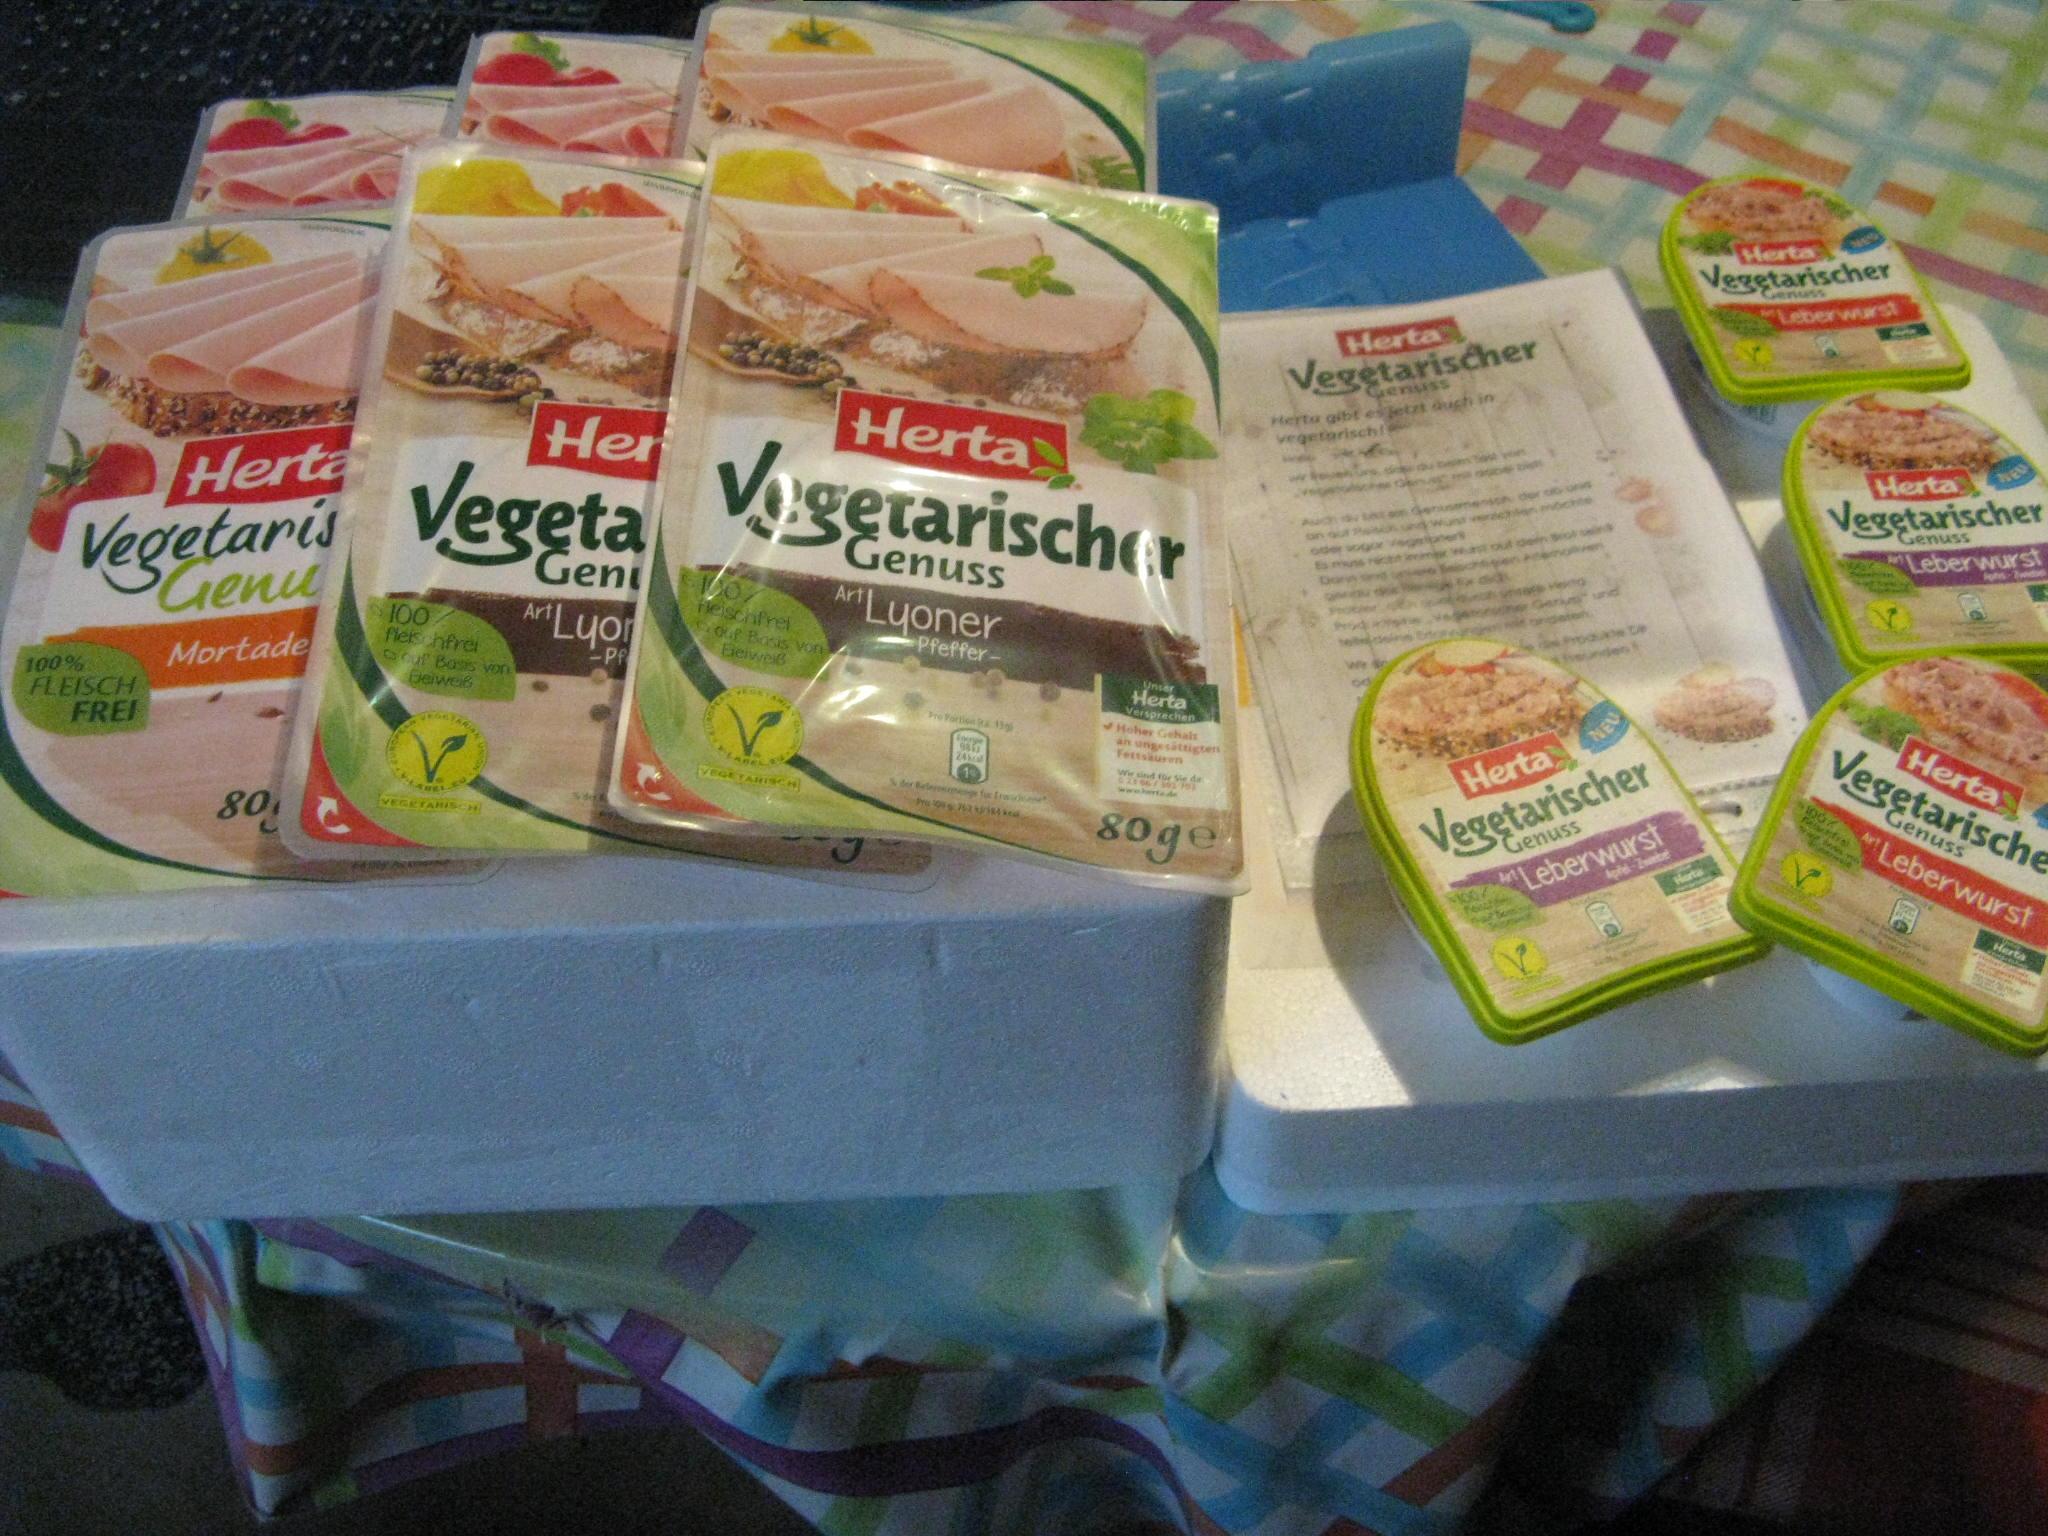 Vegetarischer Genuss von Herta